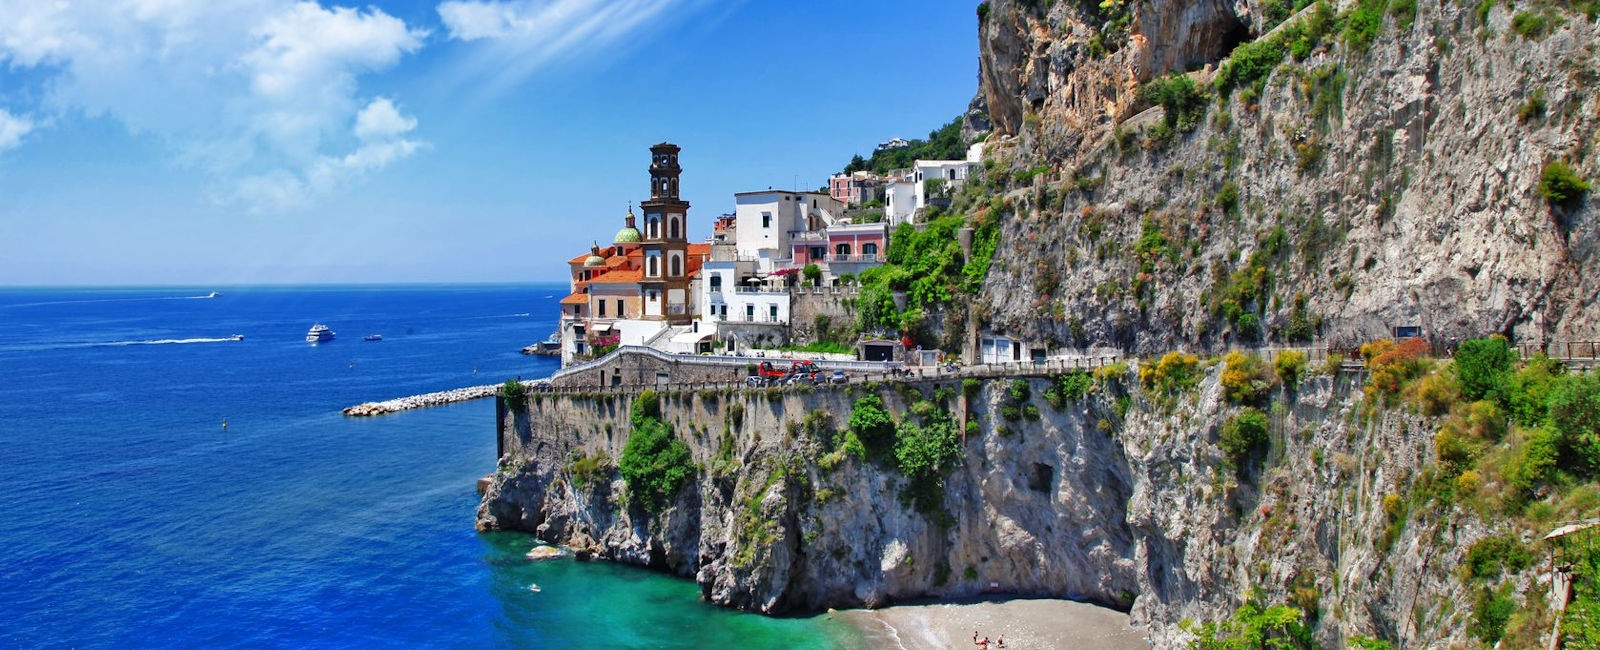 Luxury Amalfi Holidays